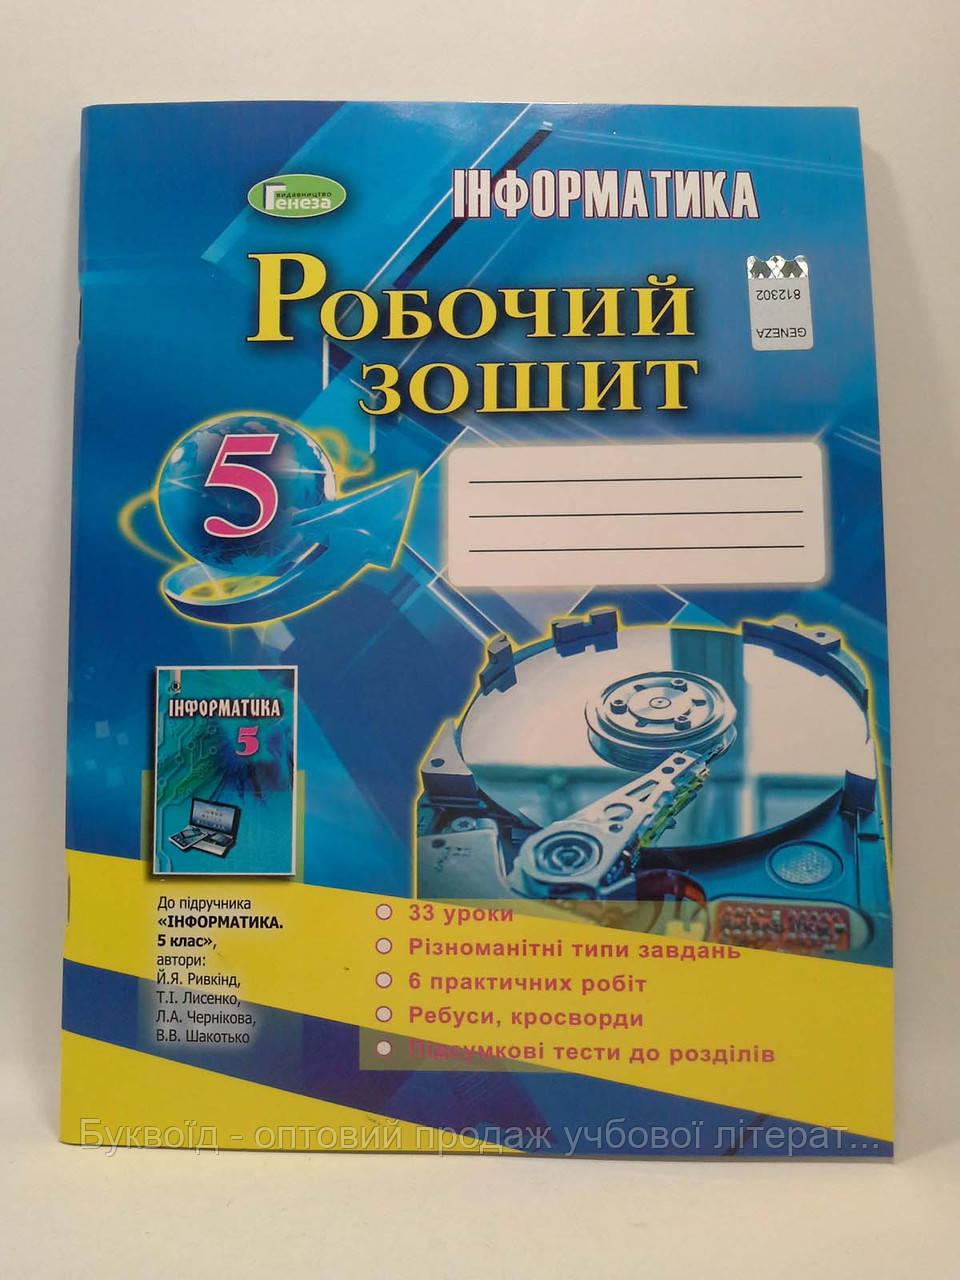 Інформатика 5 клас Робочий зошит Ривкінд Генеза ISBN 978-966-11-0911-6